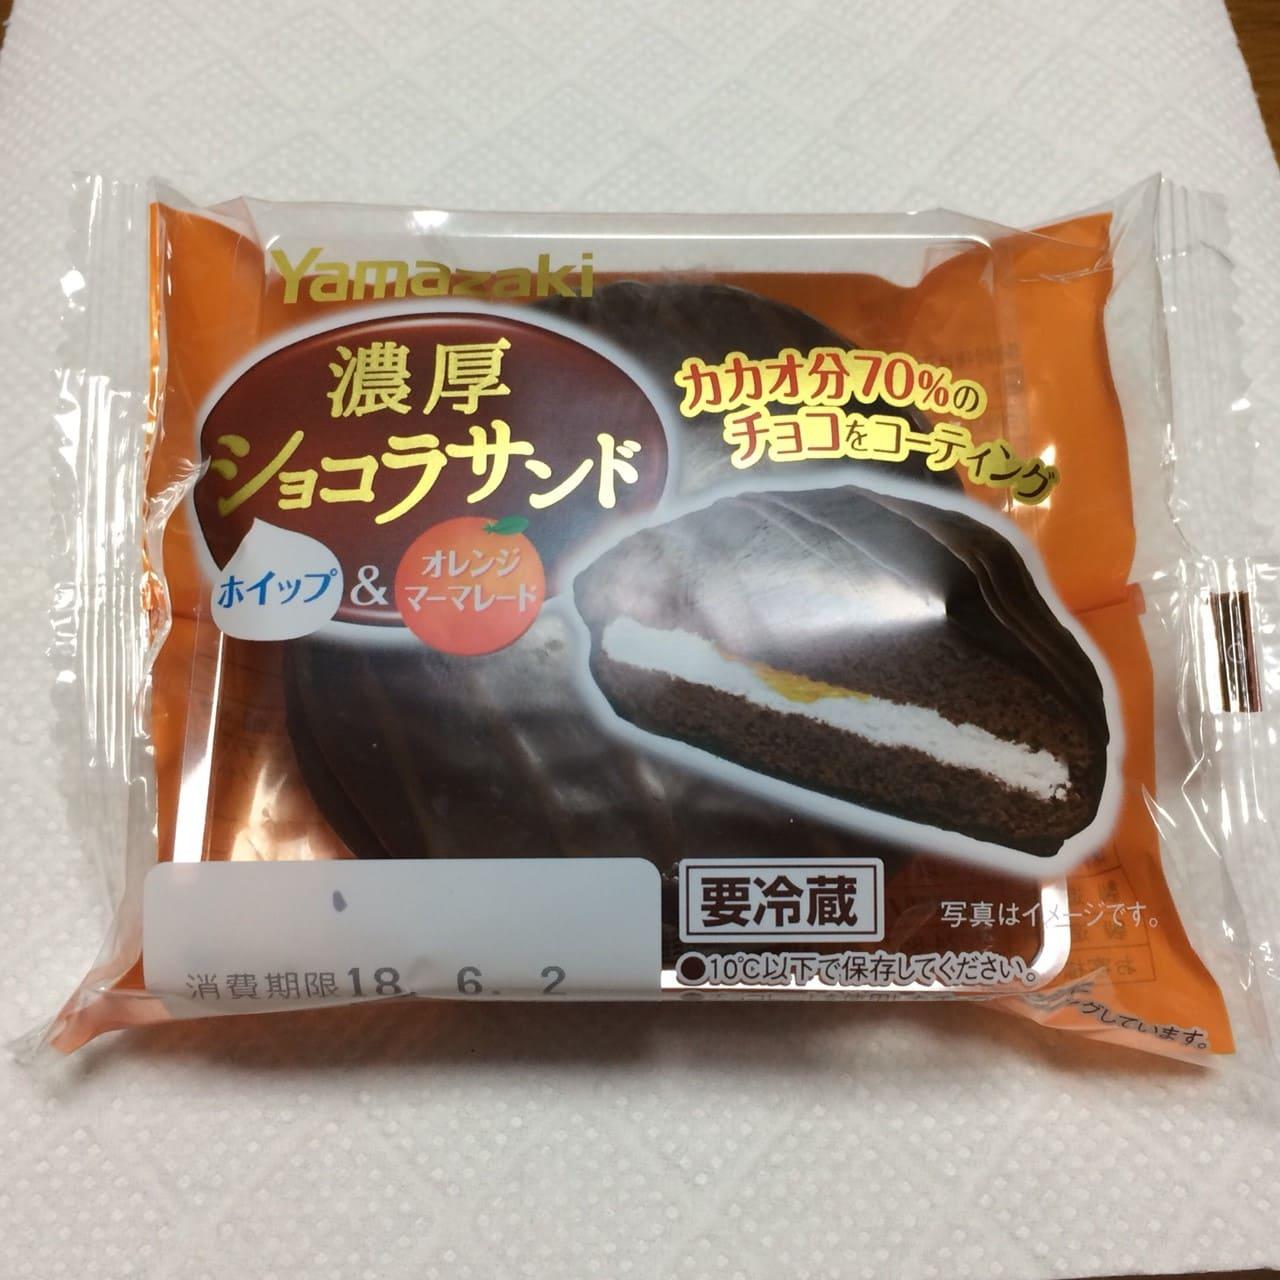 濃厚ショコラサンド